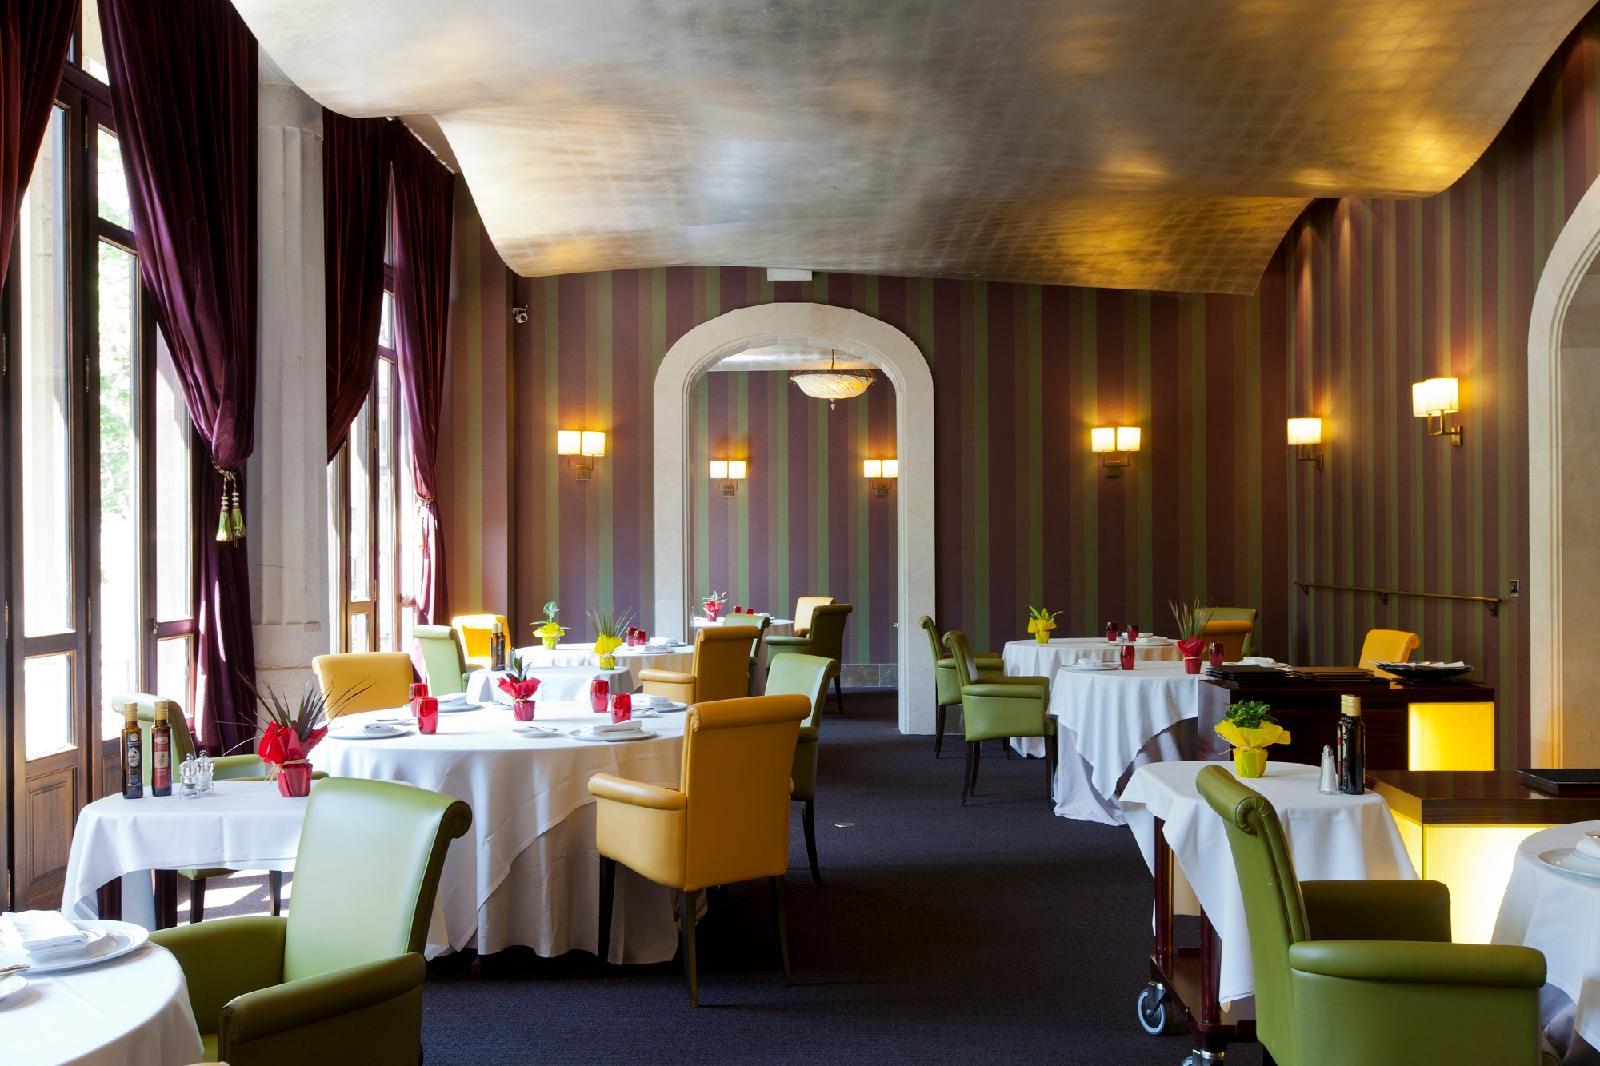 Casa fuster hotel barcelona logitravel - Restaurante casa fuster barcelona ...